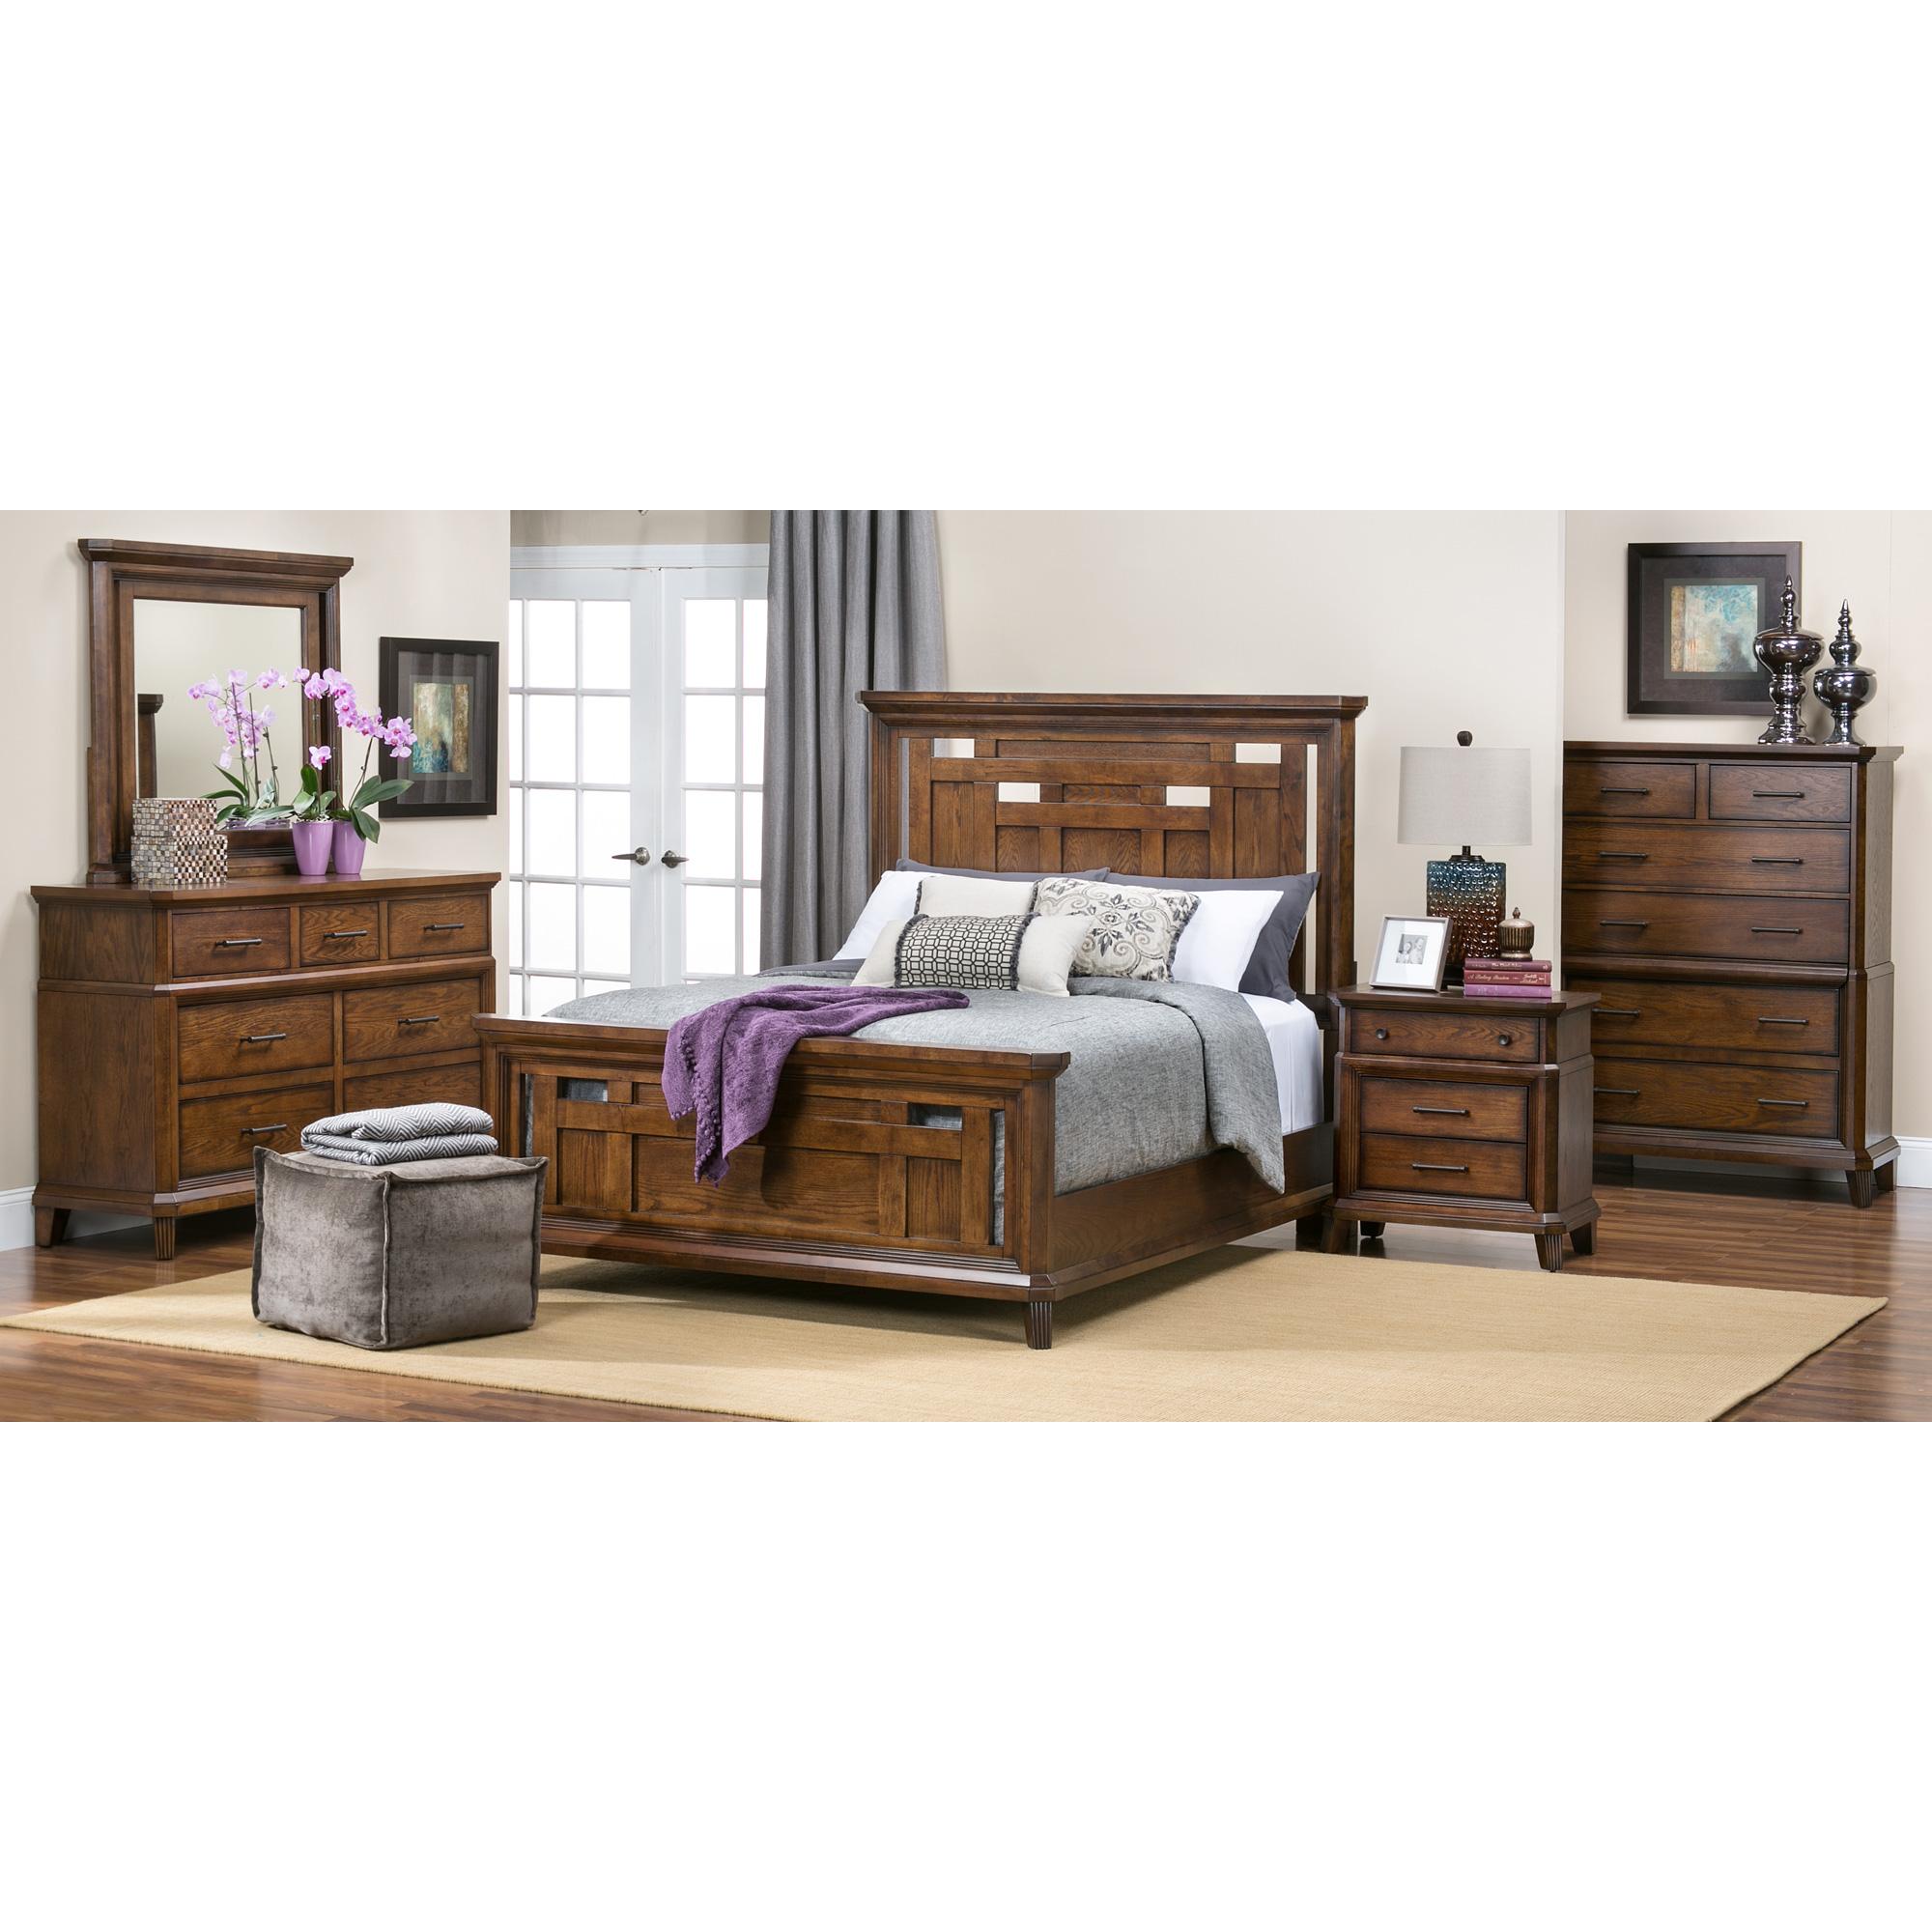 Davis Direct | Acorn Hill Brown Queen 4 Piece Room Group Bedroom Set